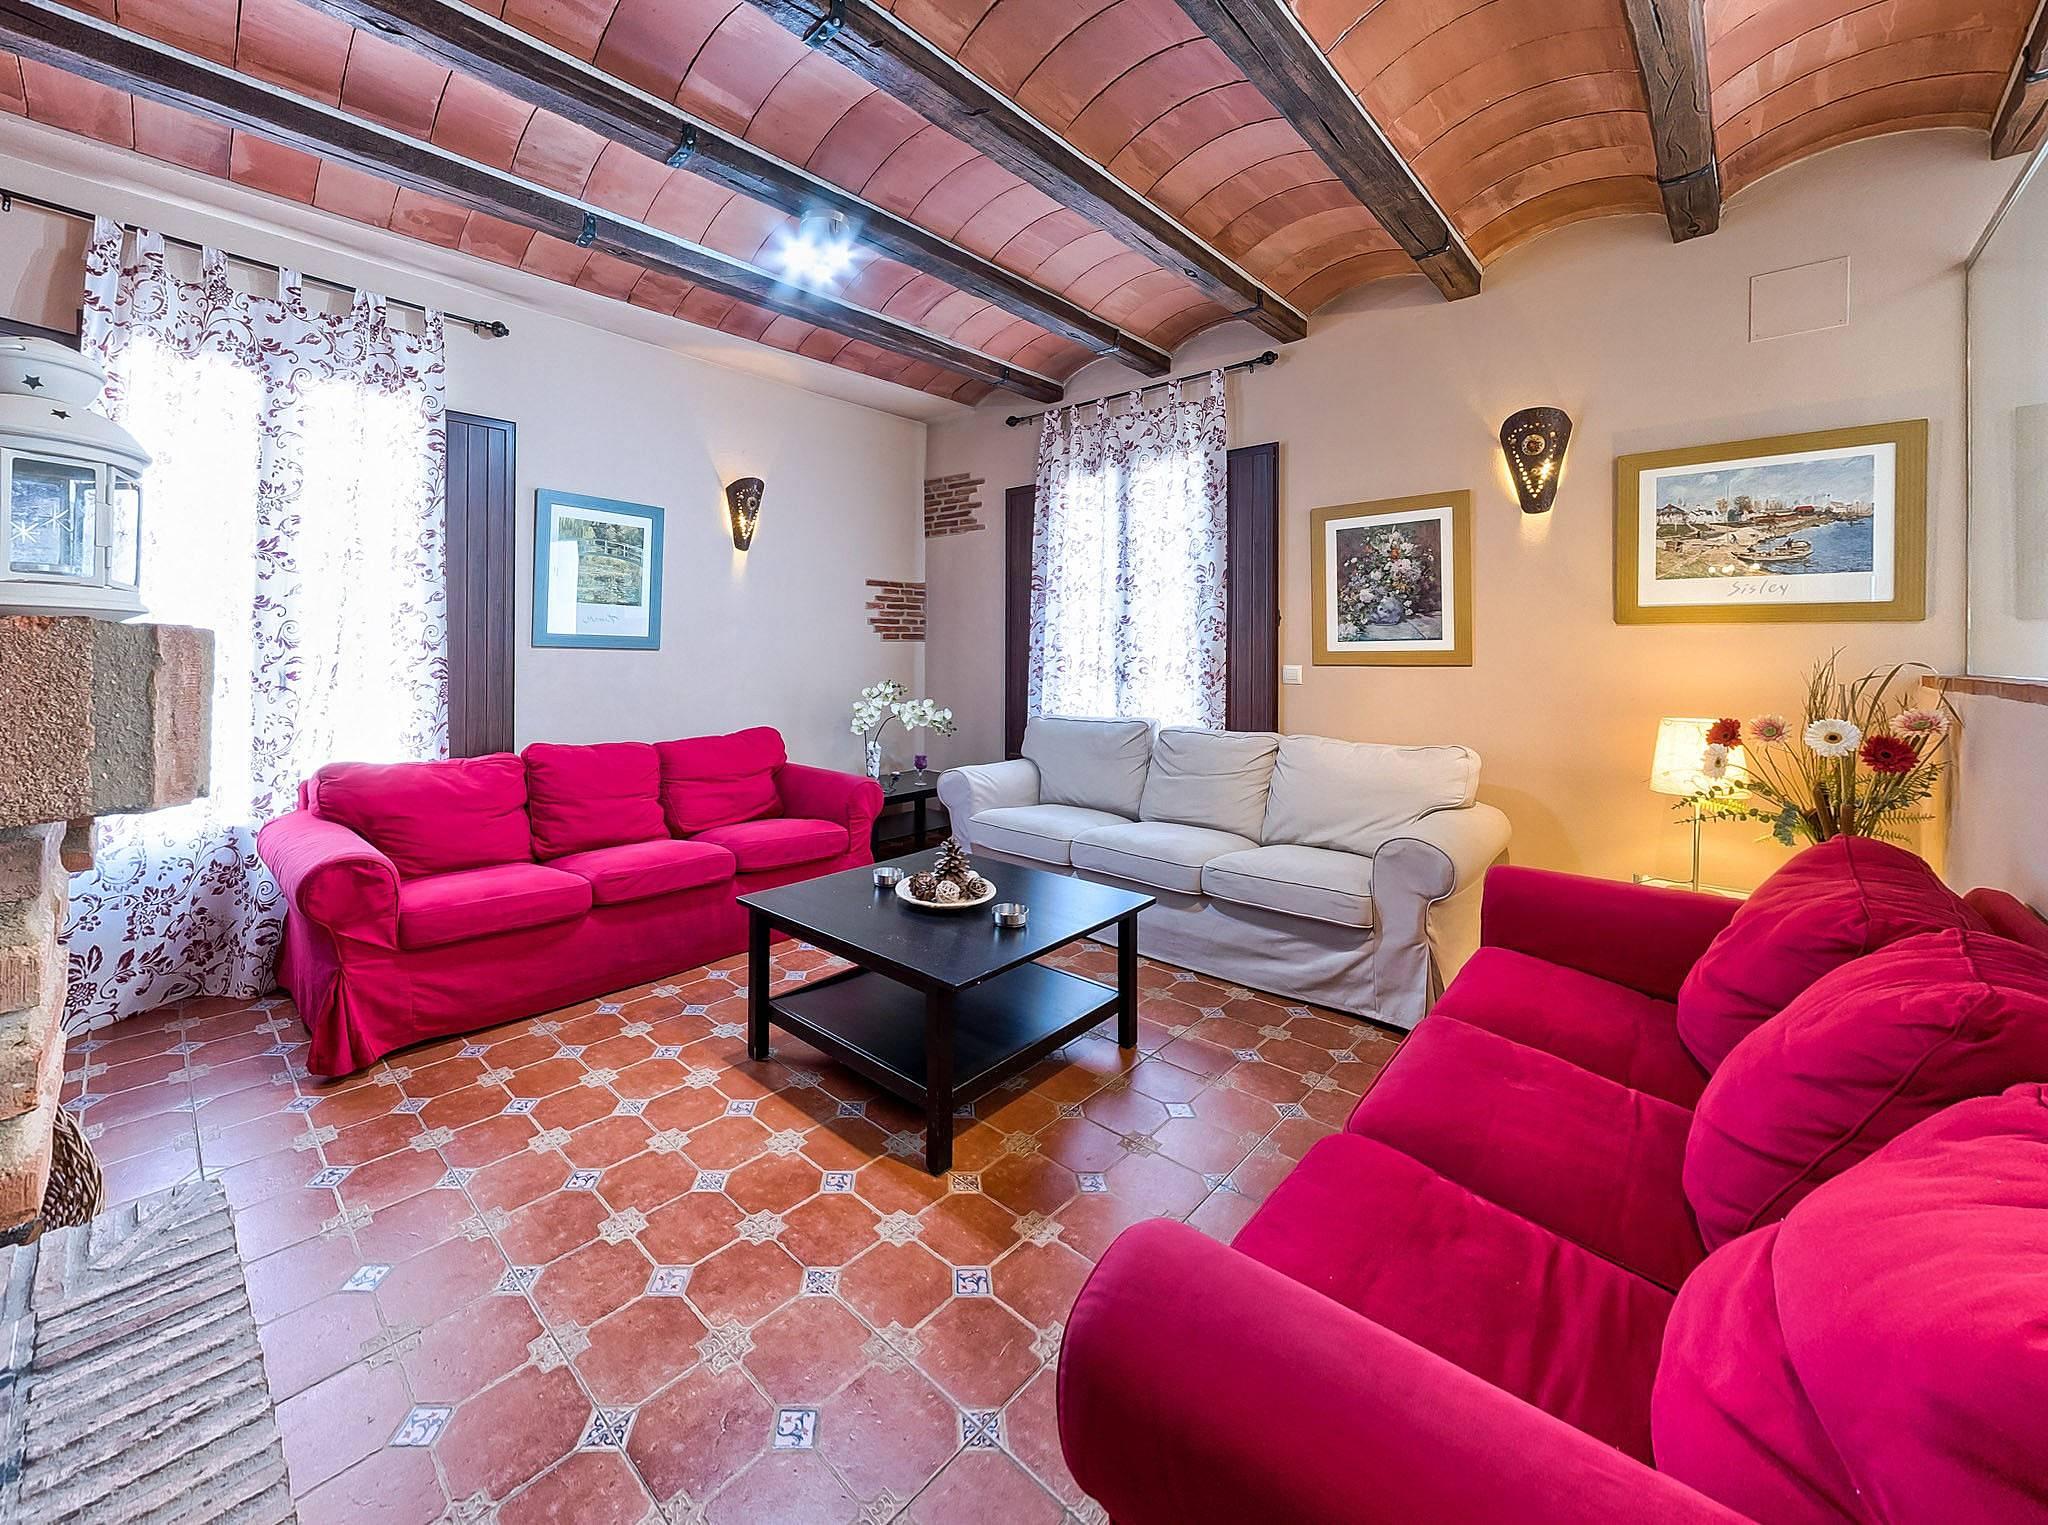 Alquiler vacaciones apartamentos y casas rurales en el for Alquiler de casas en la juliana sevilla